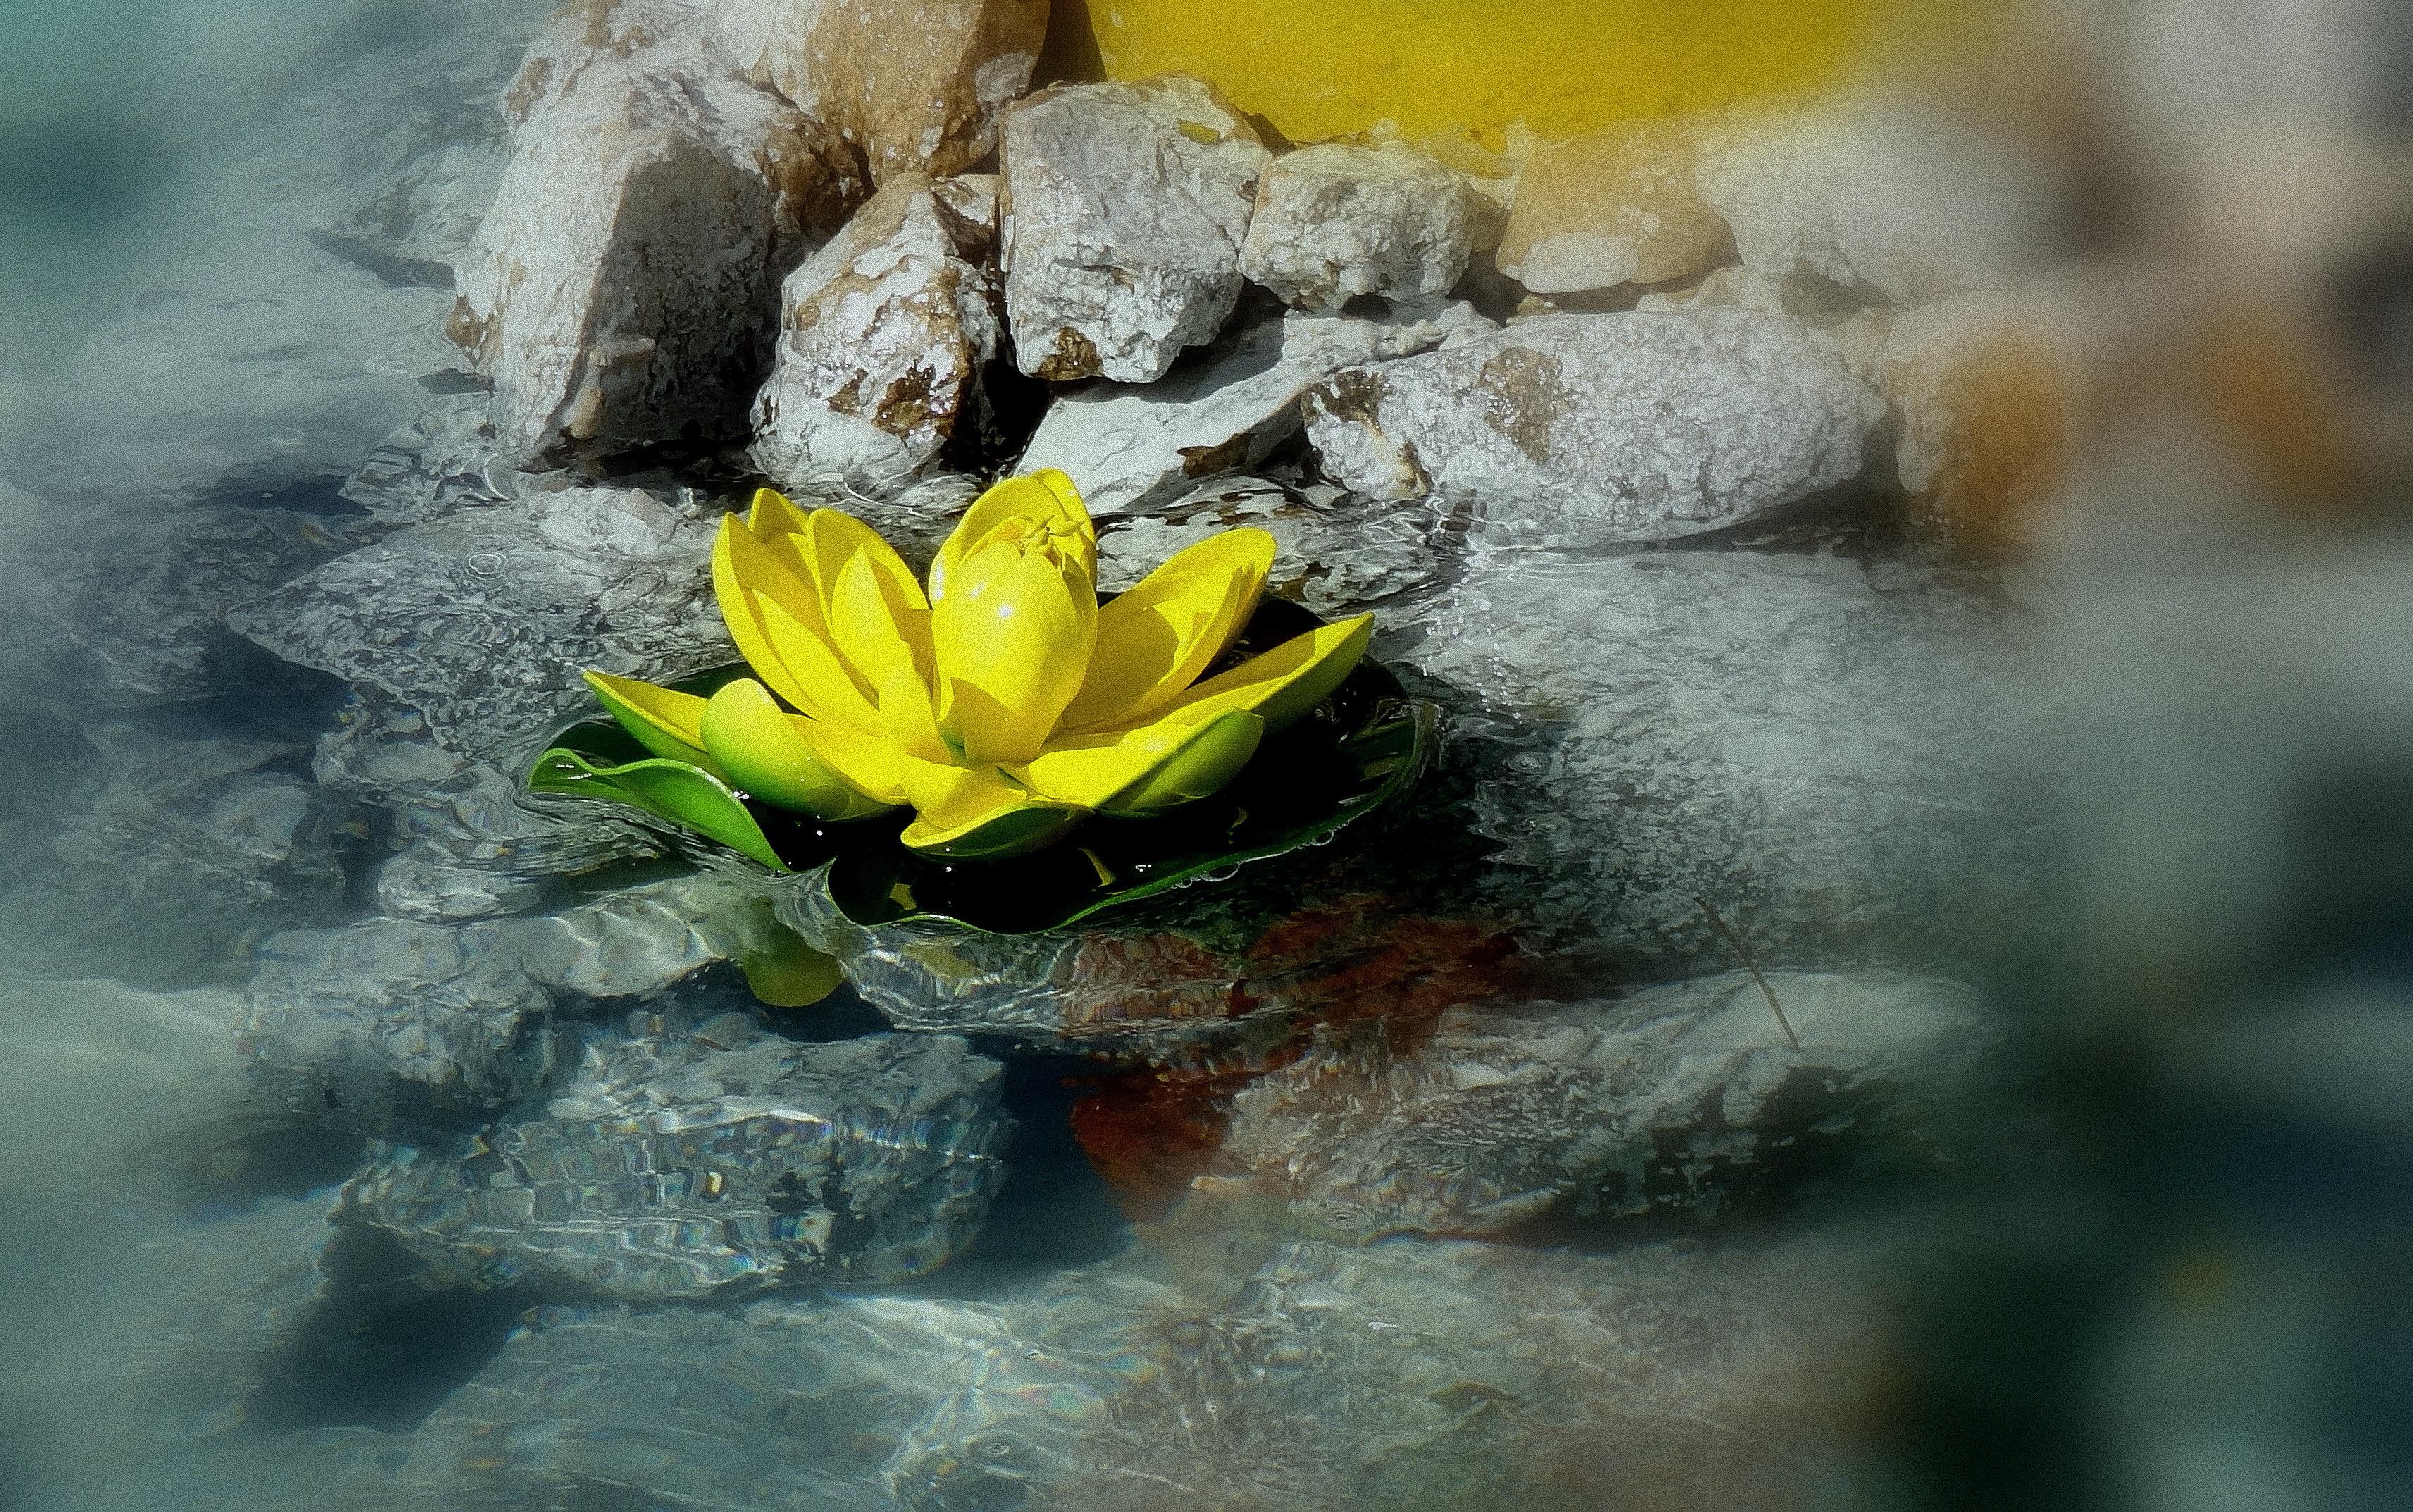 1000 Beautiful Yellow Lotus Photos Pexels Free Stock Photos